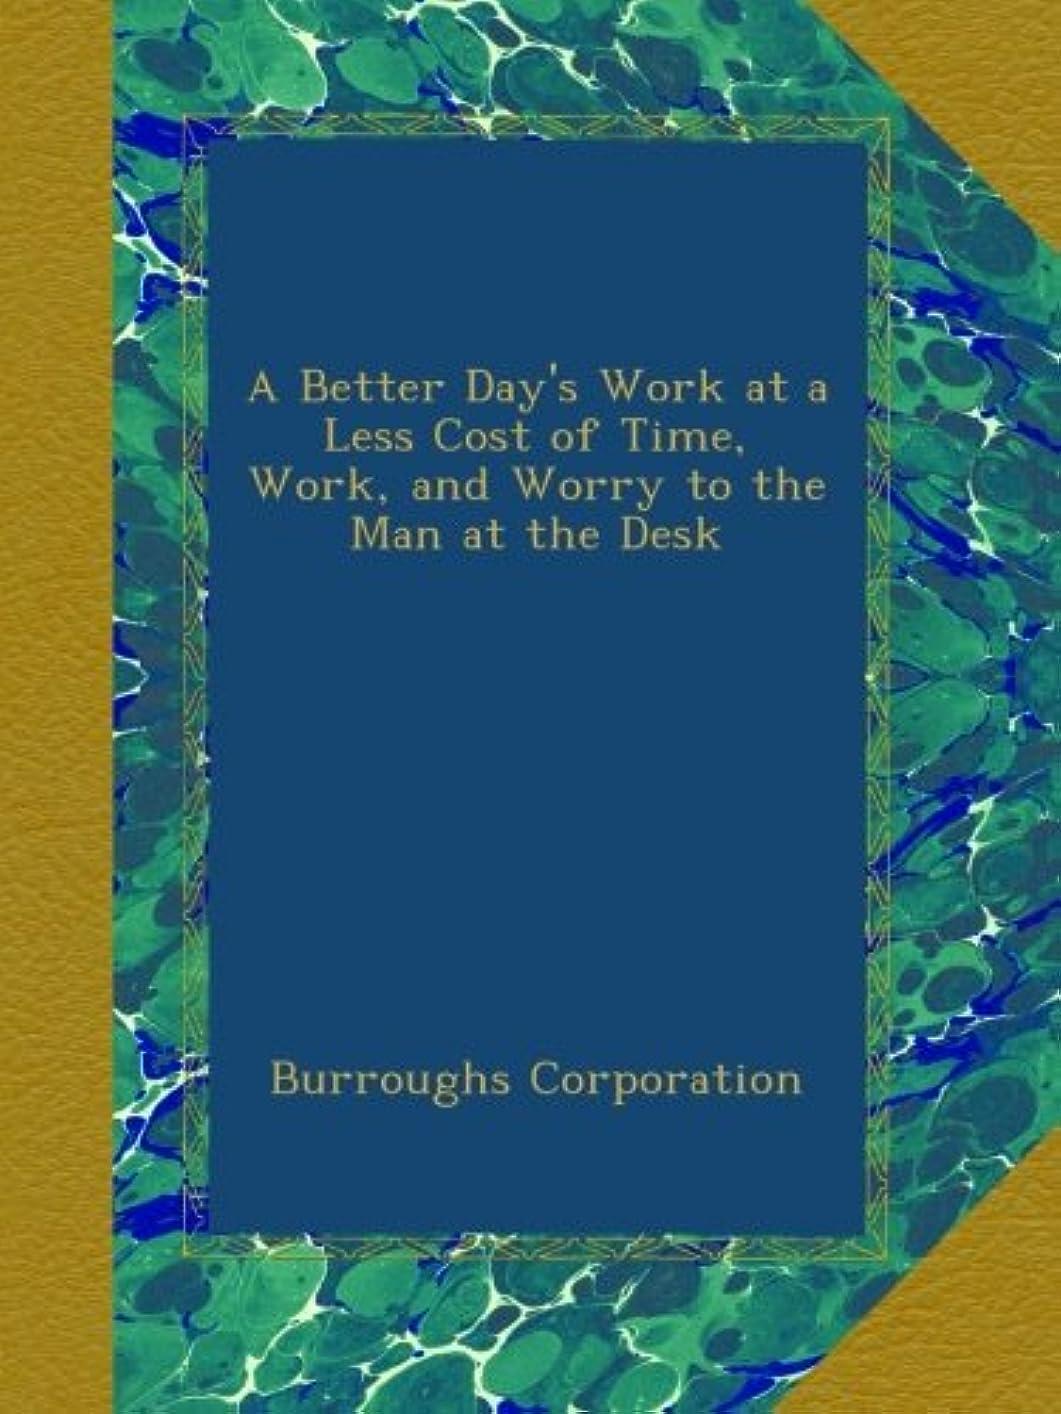 絶壁討論調停するA Better Day's Work at a Less Cost of Time, Work, and Worry to the Man at the Desk